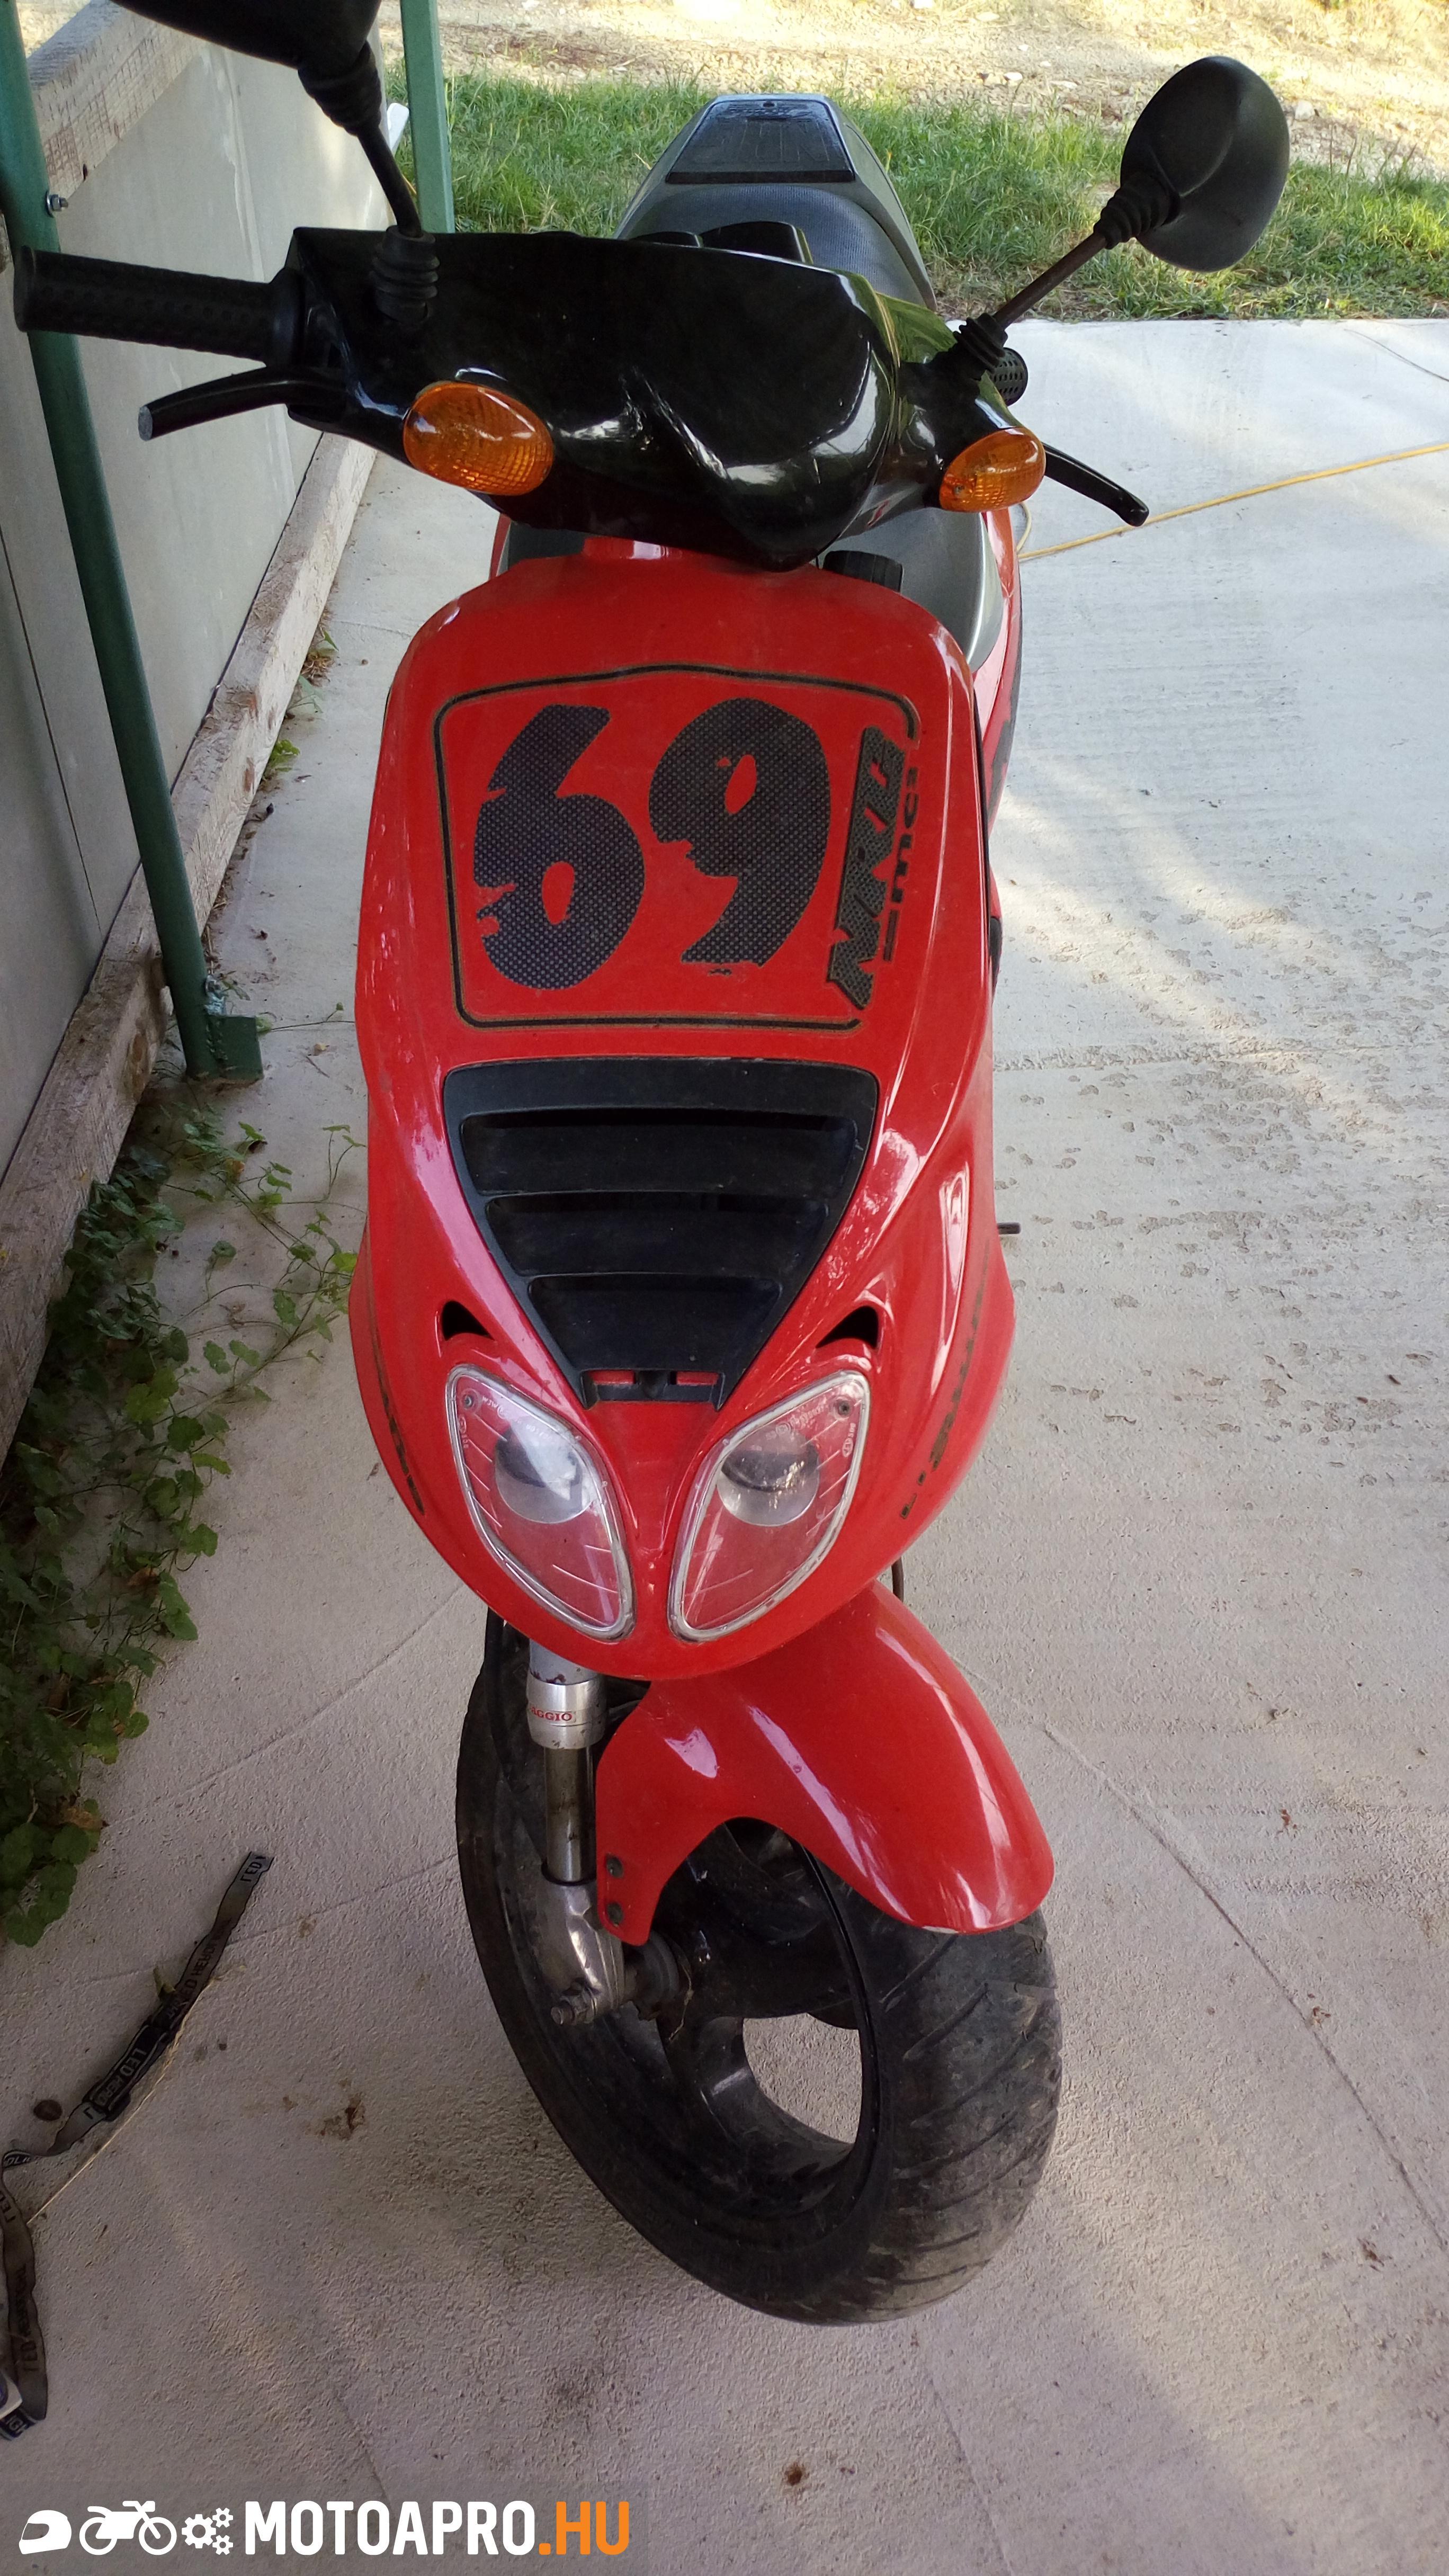 Honda CBF 600 S ABS | motoapro.hu - Apróhirdetés: eladó